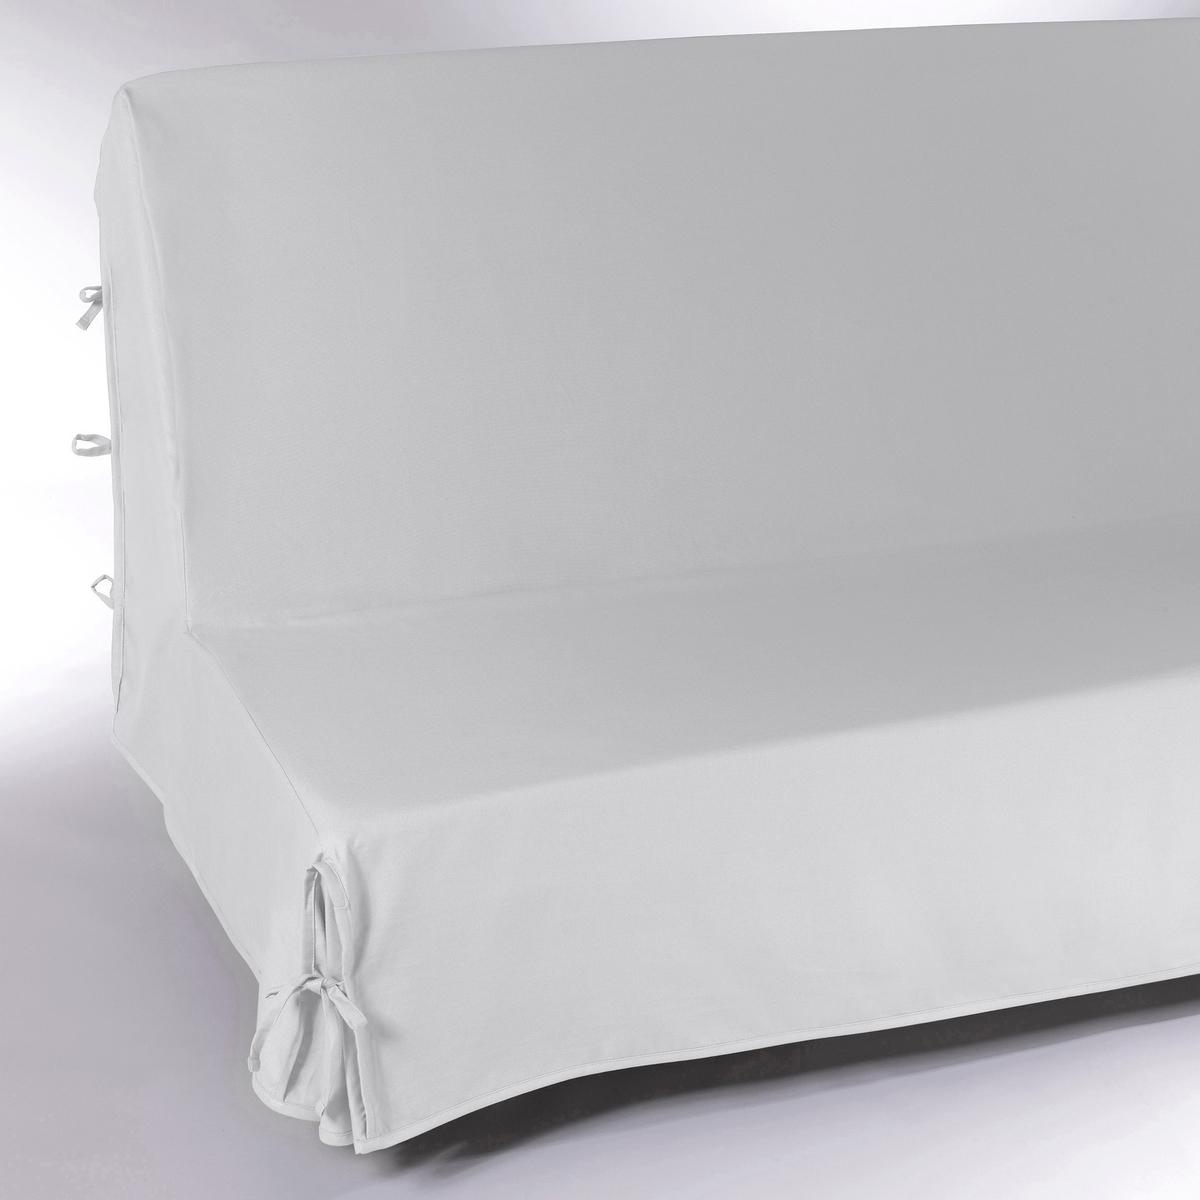 Чехол для дивана-аккордеонаПолностью закрывает диван включая спинку: удобные клапаны фиксируются завязками. Простой уход: стирка при 40°, превосходная стойкость цвета.Обработка против пятен.Размеры: 2 ширины на выбор. Длина в разложенном состоянии: 190 см. Качество VALEUR S?RE.  Производство осуществляется с учетом стандартов по защите окружающей среды и здоровья человека, что подтверждено сертификатом Oeko-tex®.<br><br>Цвет: белый,медовый,облачно-серый,рубиново-красный,серо-коричневый каштан,сливовый,черный,экрю<br>Размер: 140.160.140.160